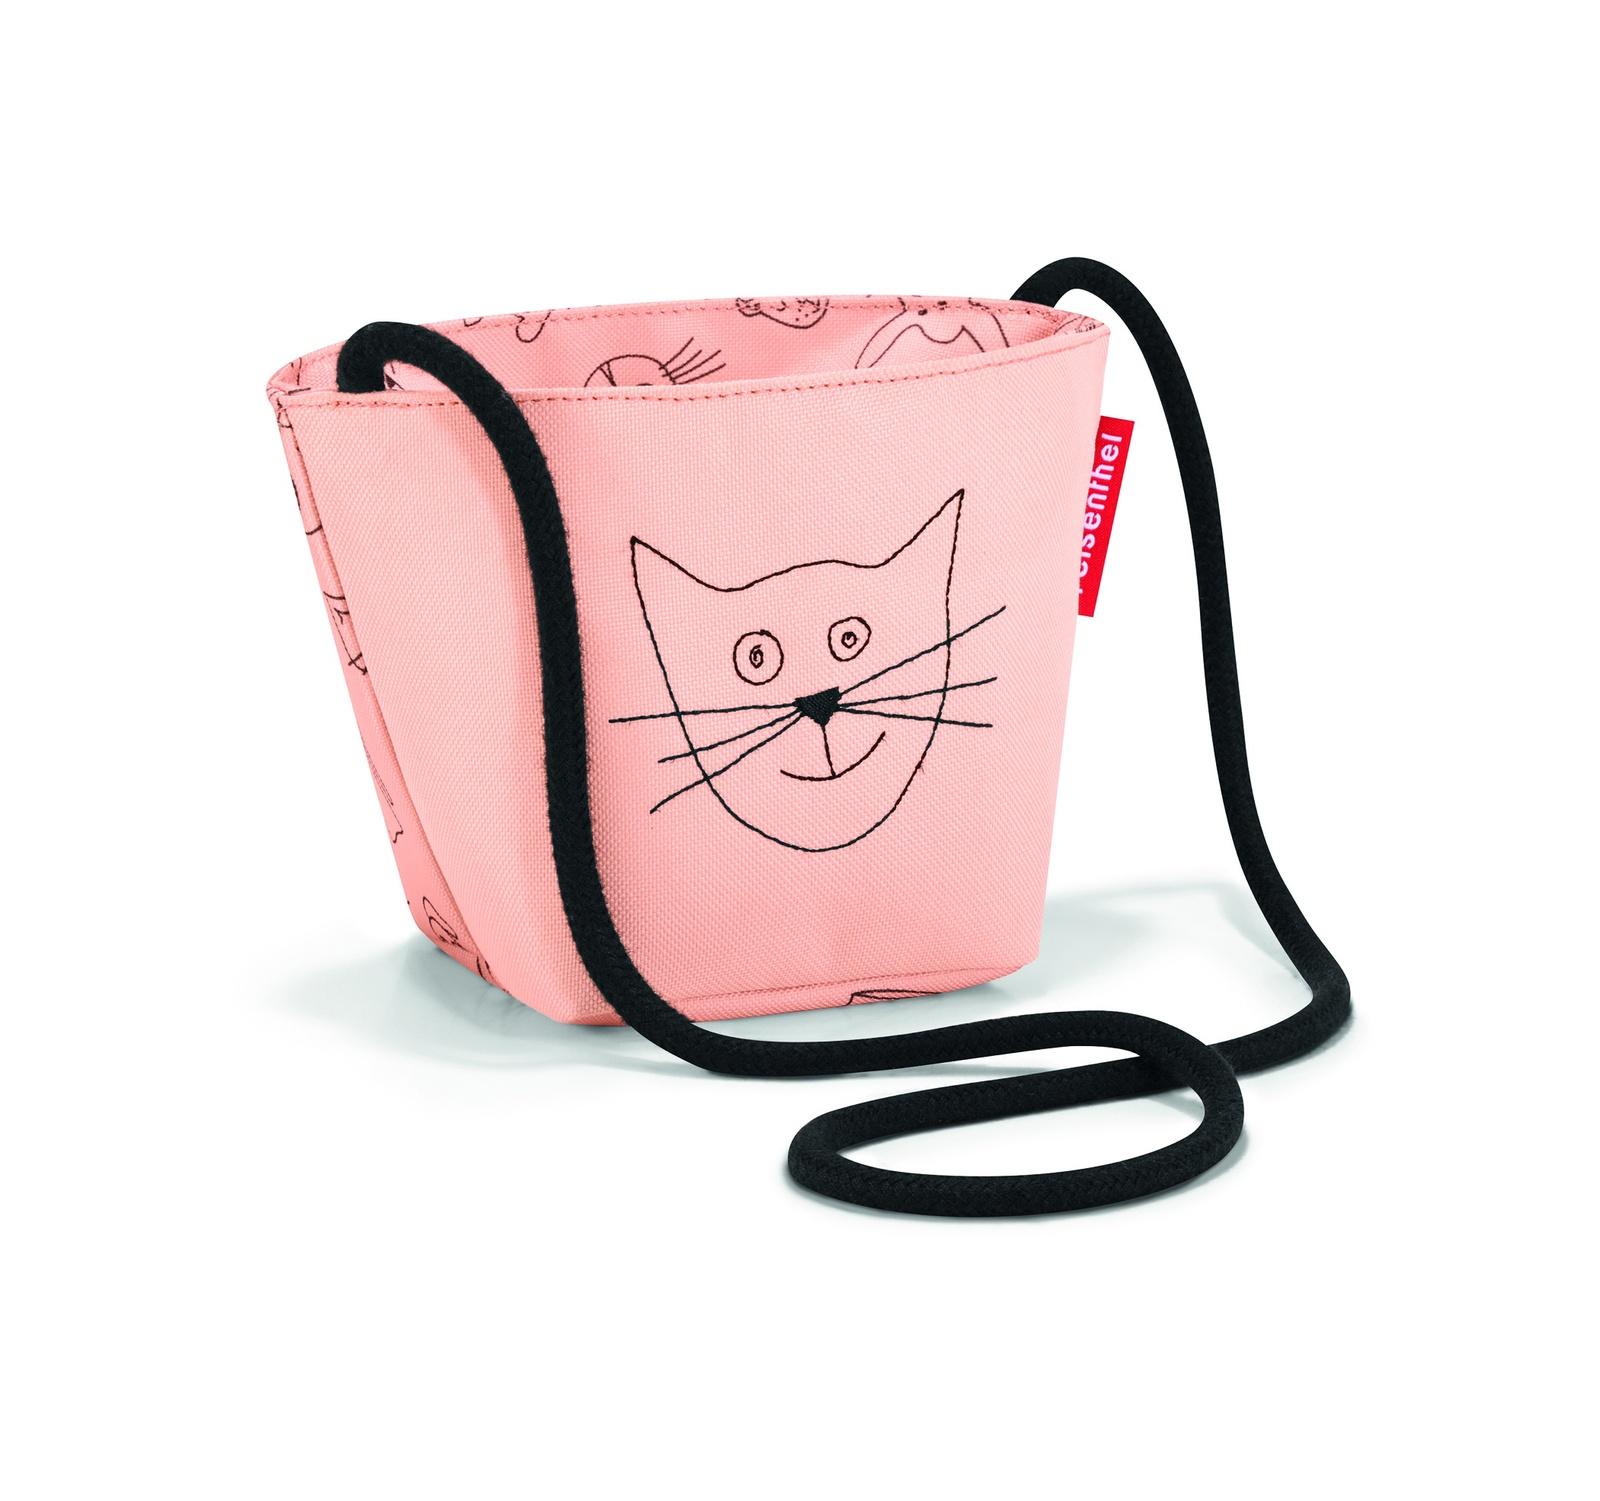 Сумка на плечо Reisenthel Minibag, розовый малыш kid дети schoolbag для мальчика девочка 3d мультфильм животных рюкзак мешок школы детский сад дети детская сумка